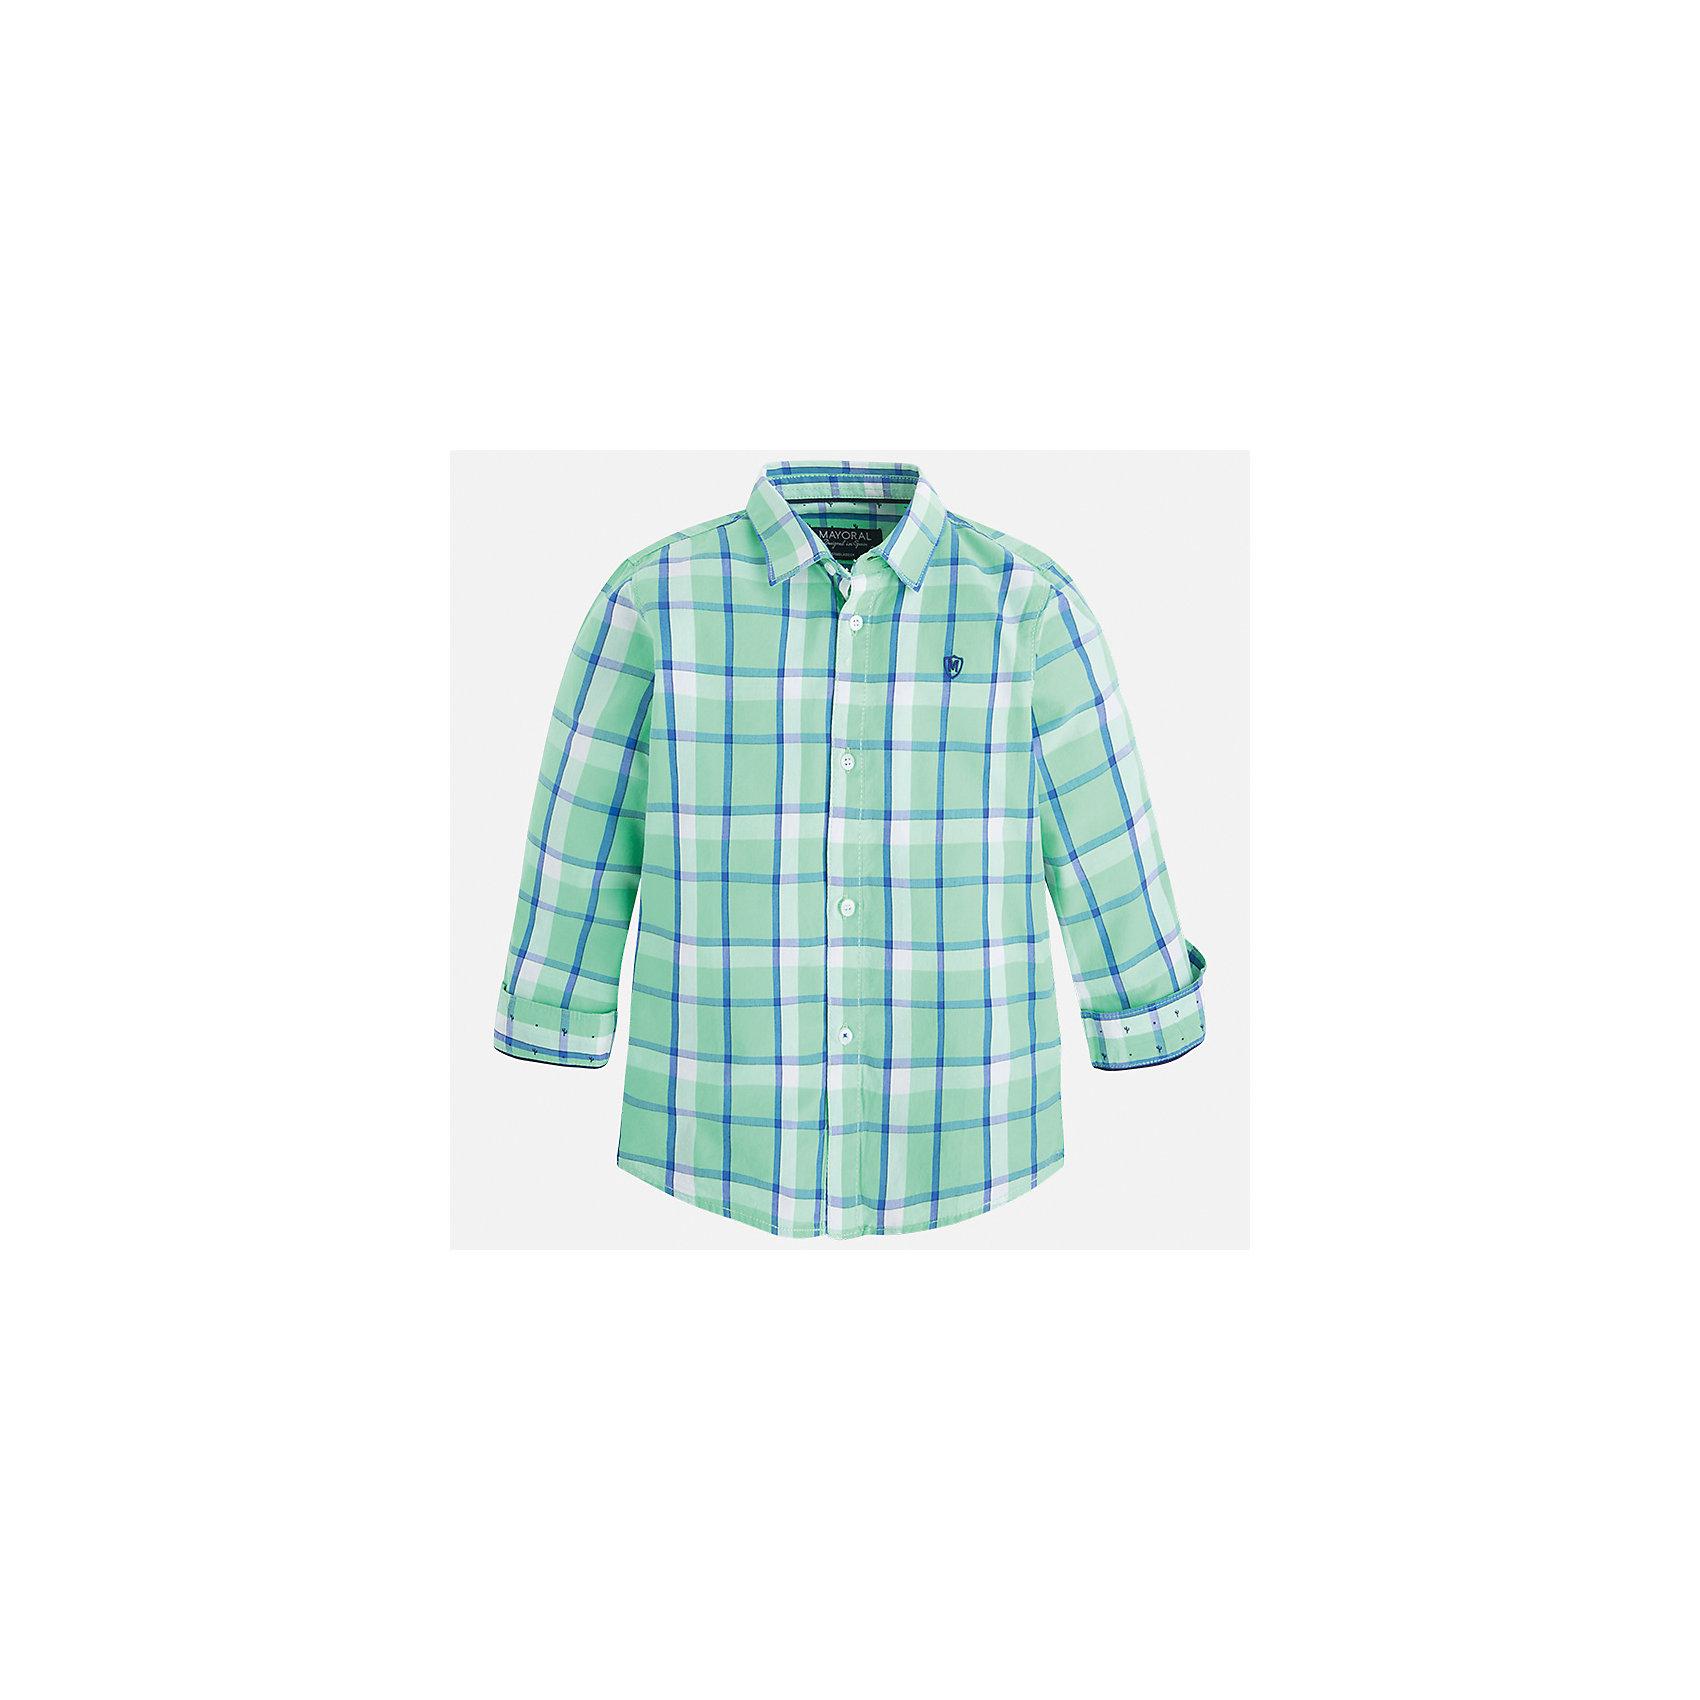 Рубашка для мальчика MayoralХарактеристики товара:<br><br>• цвет: зеленый<br>• состав: 100% хлопок<br>• отложной воротник<br>• рукава с отворотами<br>• застежка: пуговицы<br>• вышивка на груди<br>• страна бренда: Испания<br><br>Удобная модная рубашка-поло для мальчика может стать базовой вещью в гардеробе ребенка. Она отлично сочетается с брюками, шортами, джинсами и т.д. Универсальный крой и цвет позволяет подобрать к вещи низ разных расцветок. Практичное и стильное изделие! В составе материала - только натуральный хлопок, гипоаллергенный, приятный на ощупь, дышащий.<br><br>Одежда, обувь и аксессуары от испанского бренда Mayoral полюбились детям и взрослым по всему миру. Модели этой марки - стильные и удобные. Для их производства используются только безопасные, качественные материалы и фурнитура. Порадуйте ребенка модными и красивыми вещами от Mayoral! <br><br>Рубашку-поло для мальчика от испанского бренда Mayoral (Майорал) можно купить в нашем интернет-магазине.<br><br>Ширина мм: 174<br>Глубина мм: 10<br>Высота мм: 169<br>Вес г: 157<br>Цвет: зеленый<br>Возраст от месяцев: 60<br>Возраст до месяцев: 72<br>Пол: Мужской<br>Возраст: Детский<br>Размер: 116,134,98,128,122,104,110,92<br>SKU: 5272432